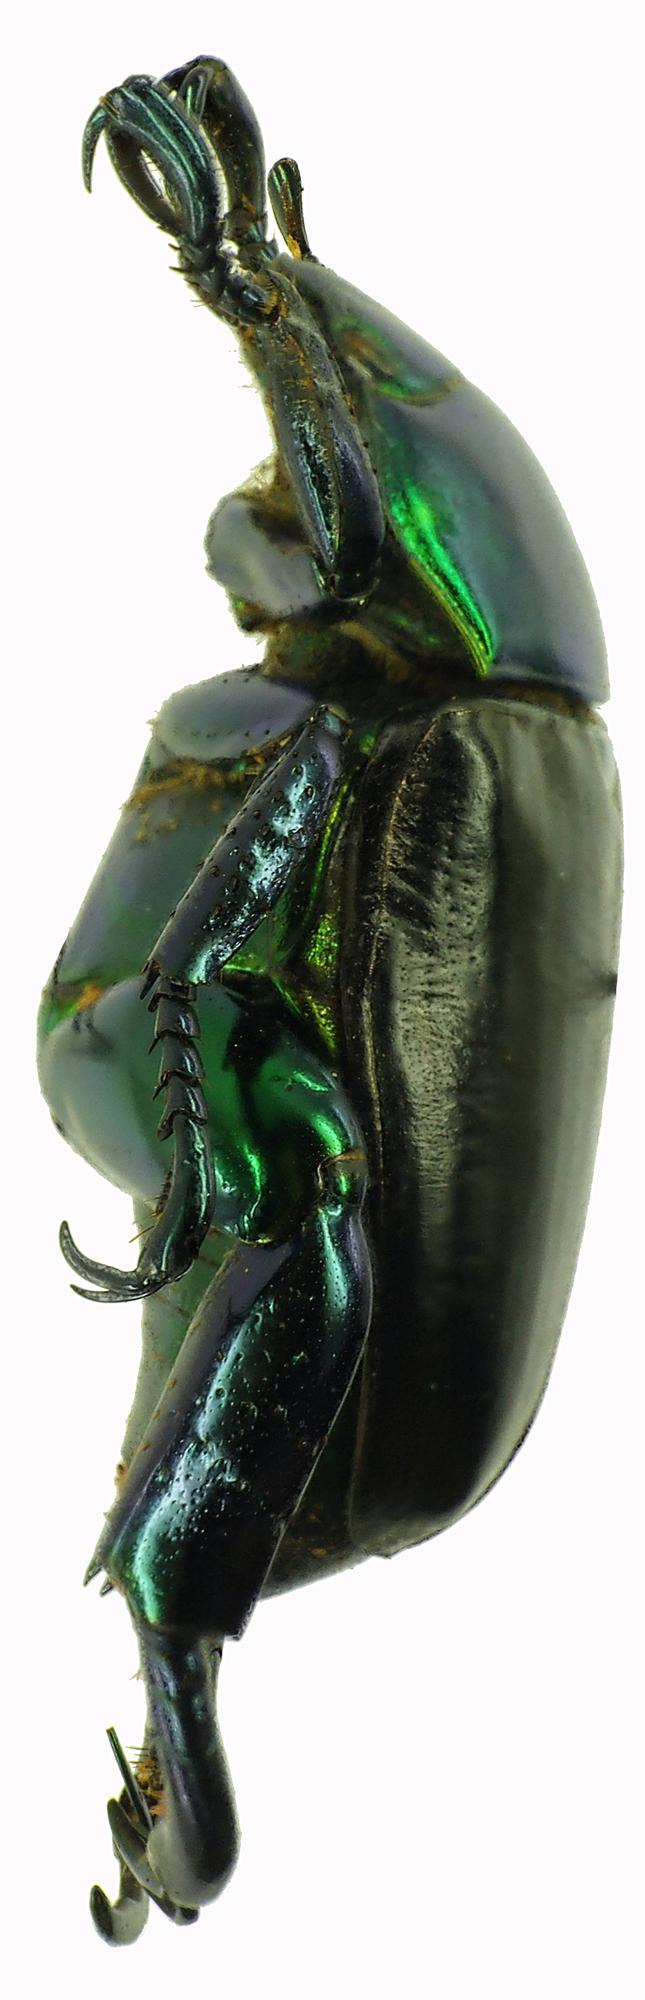 Pelidnota cyanitarsis 28521cz25.jpg